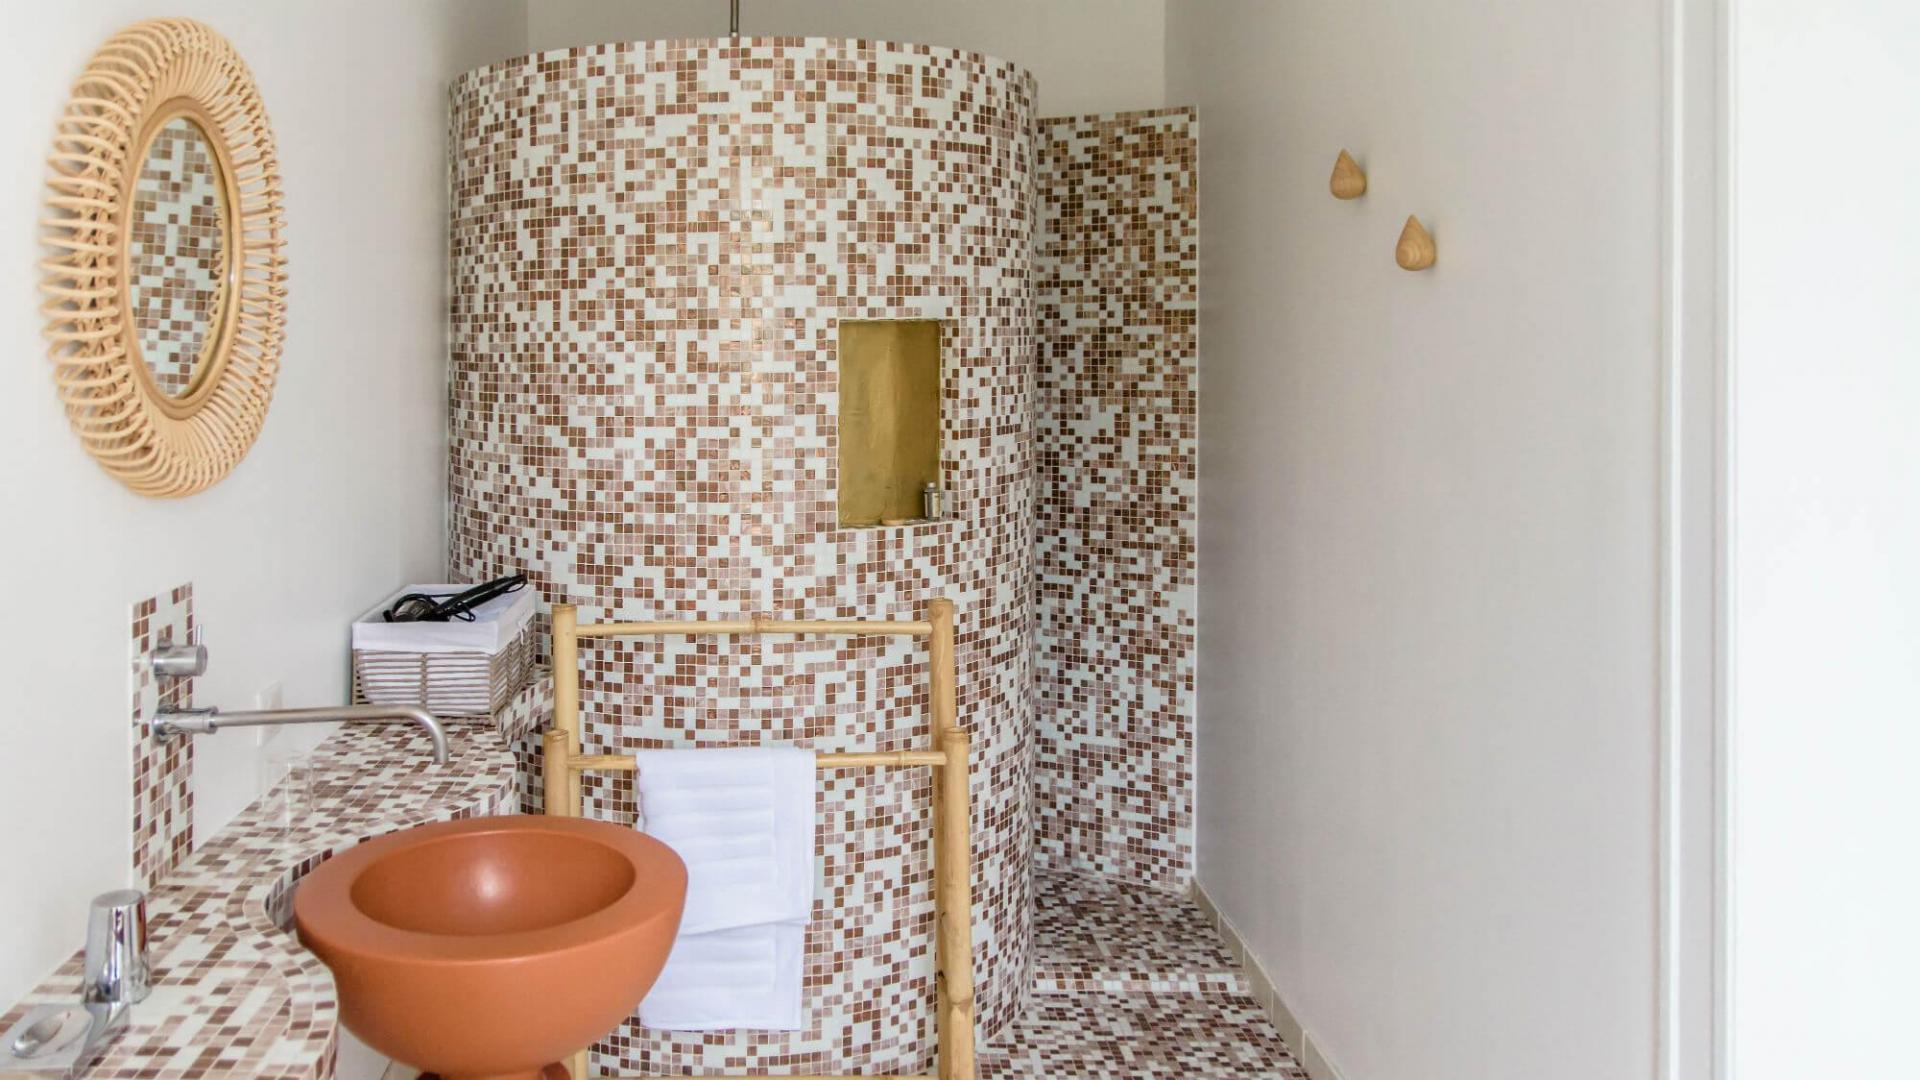 Salle de bain attenante à la chambre Charlotte Perriand